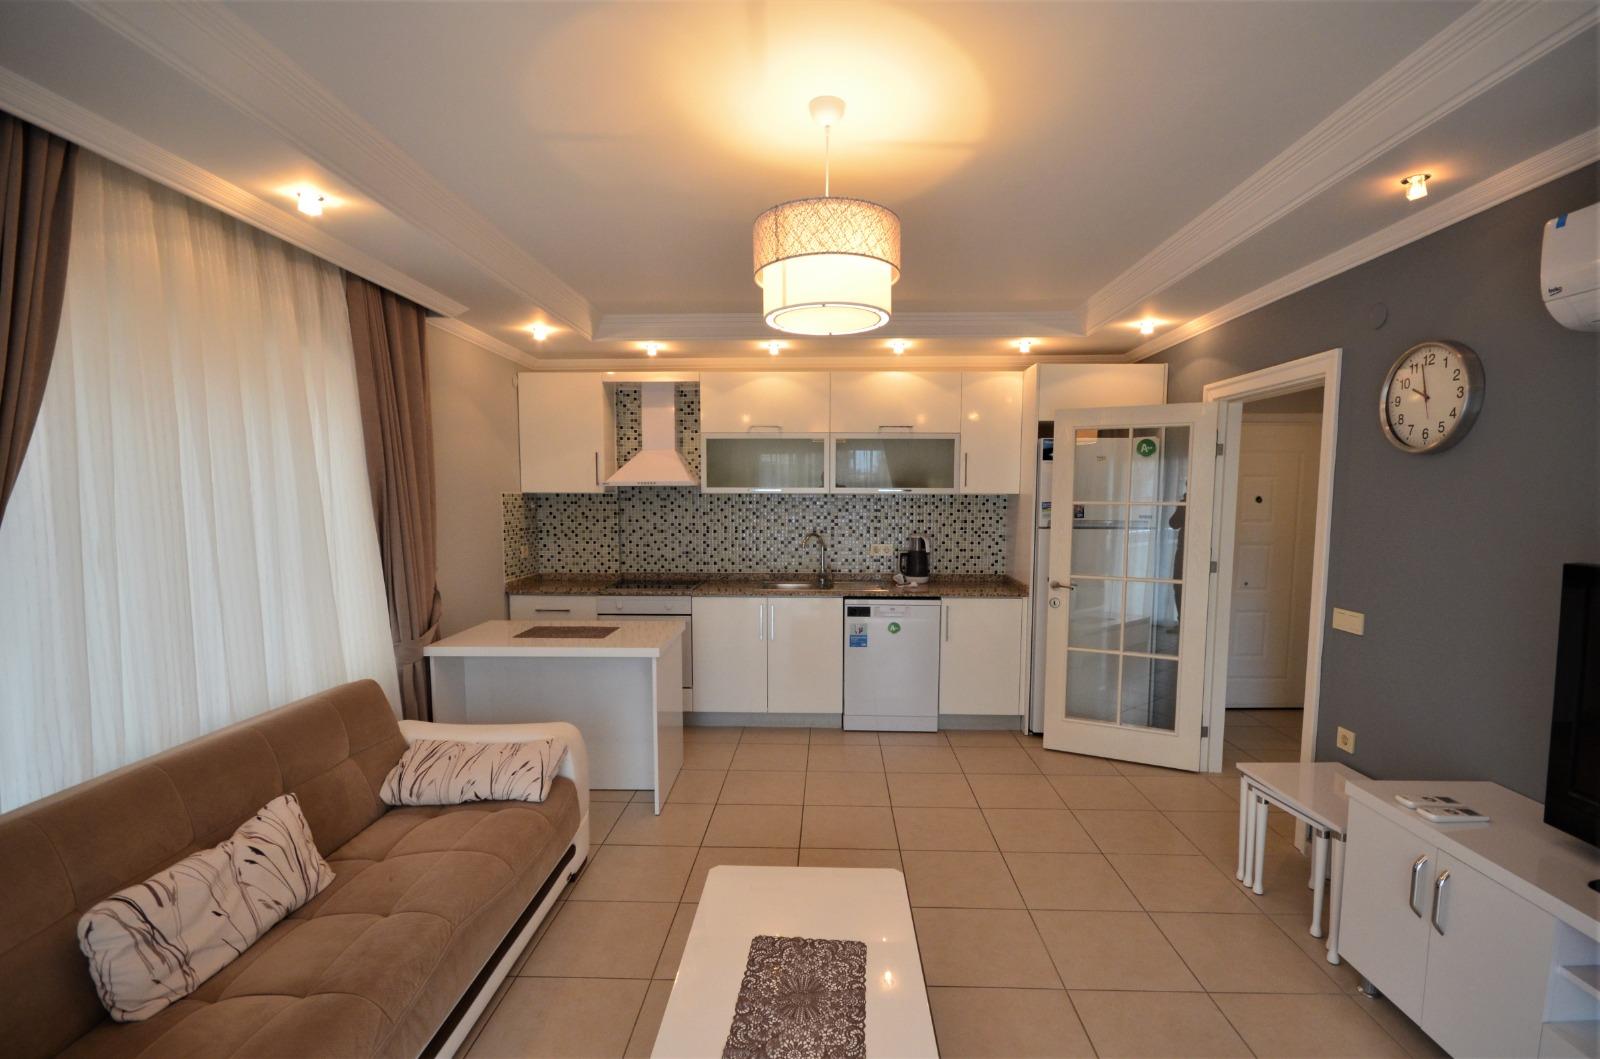 Двухкомнатная квартира с мебелью и бытовой техникой в районе Тосмур - Фото 4